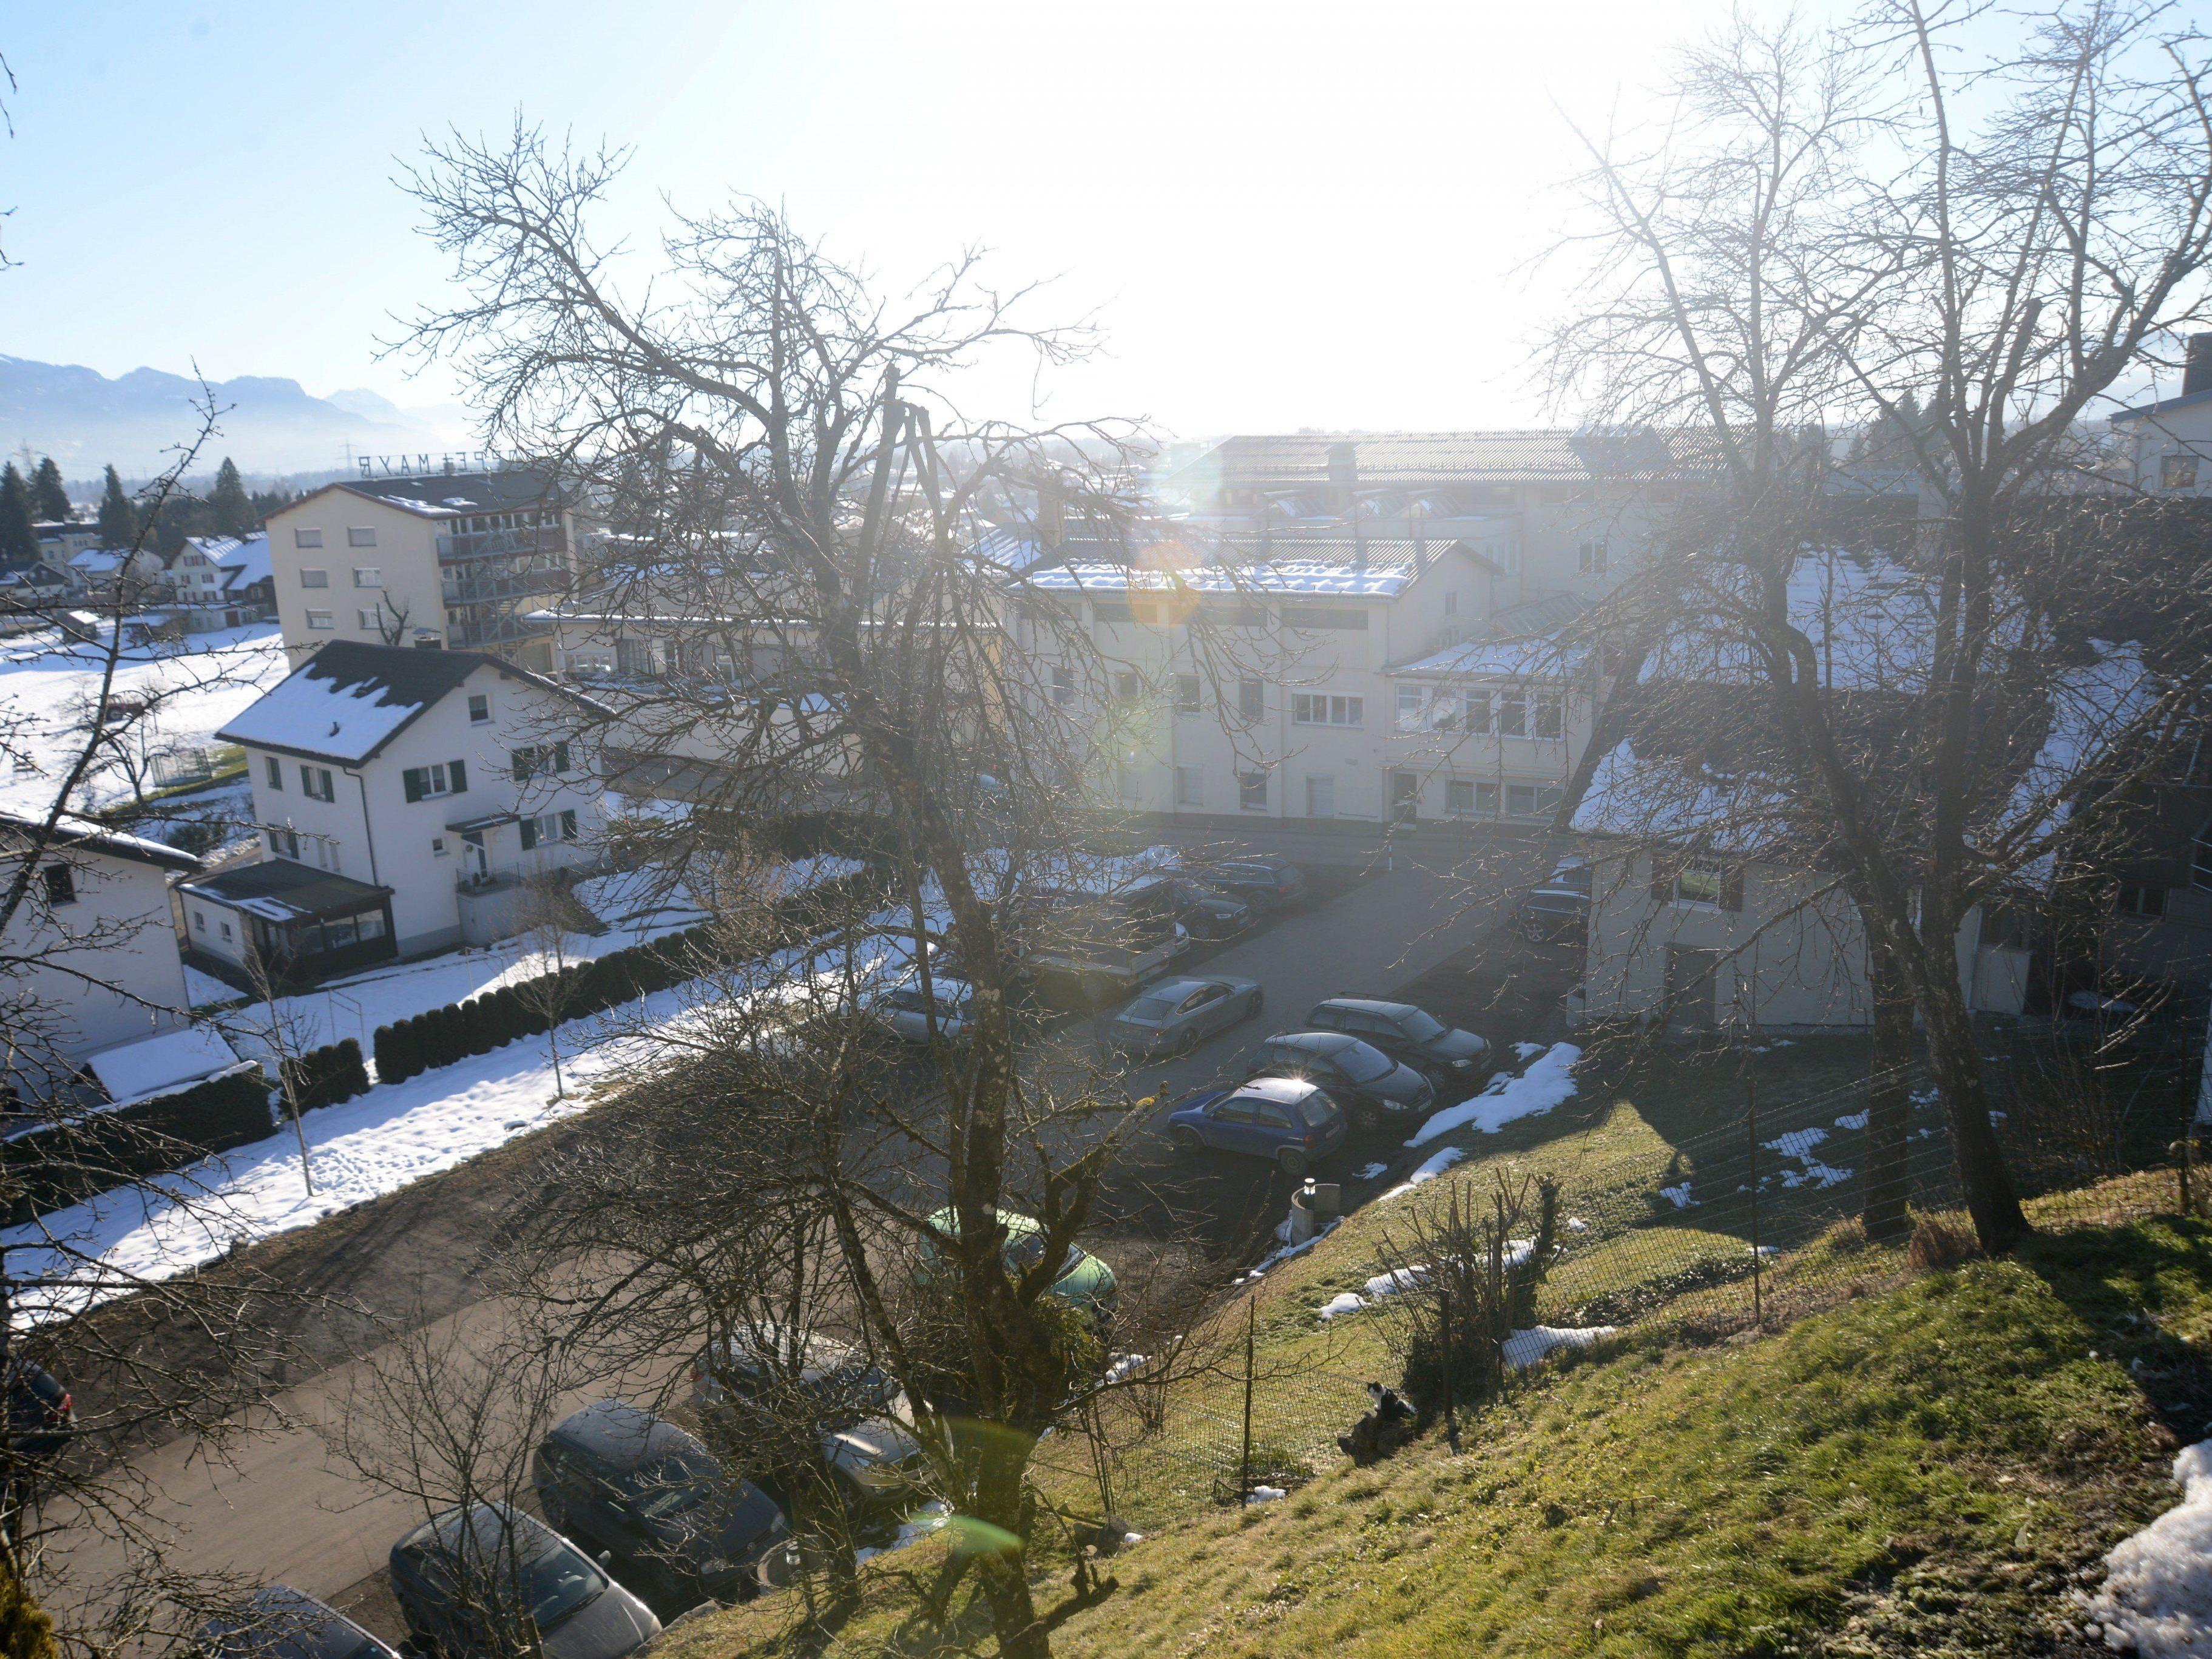 Der frei werdende Doppelmayr-Standort eröffnet für Rickenbach neue Chancen.